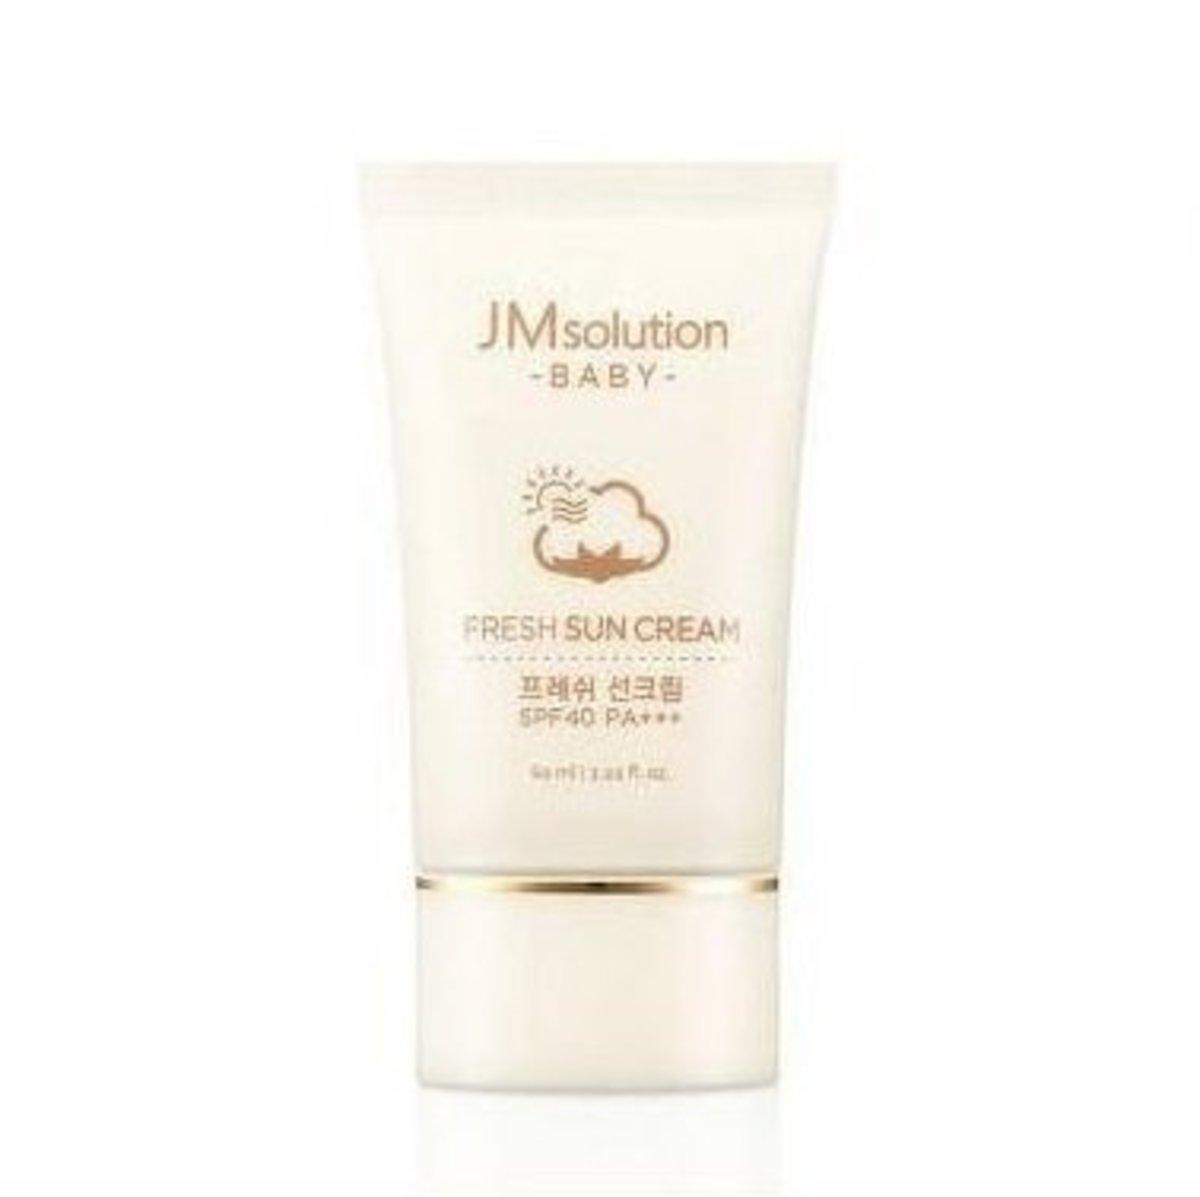 BABY Fresh Sun Cream 60ml SPF40 PA+++